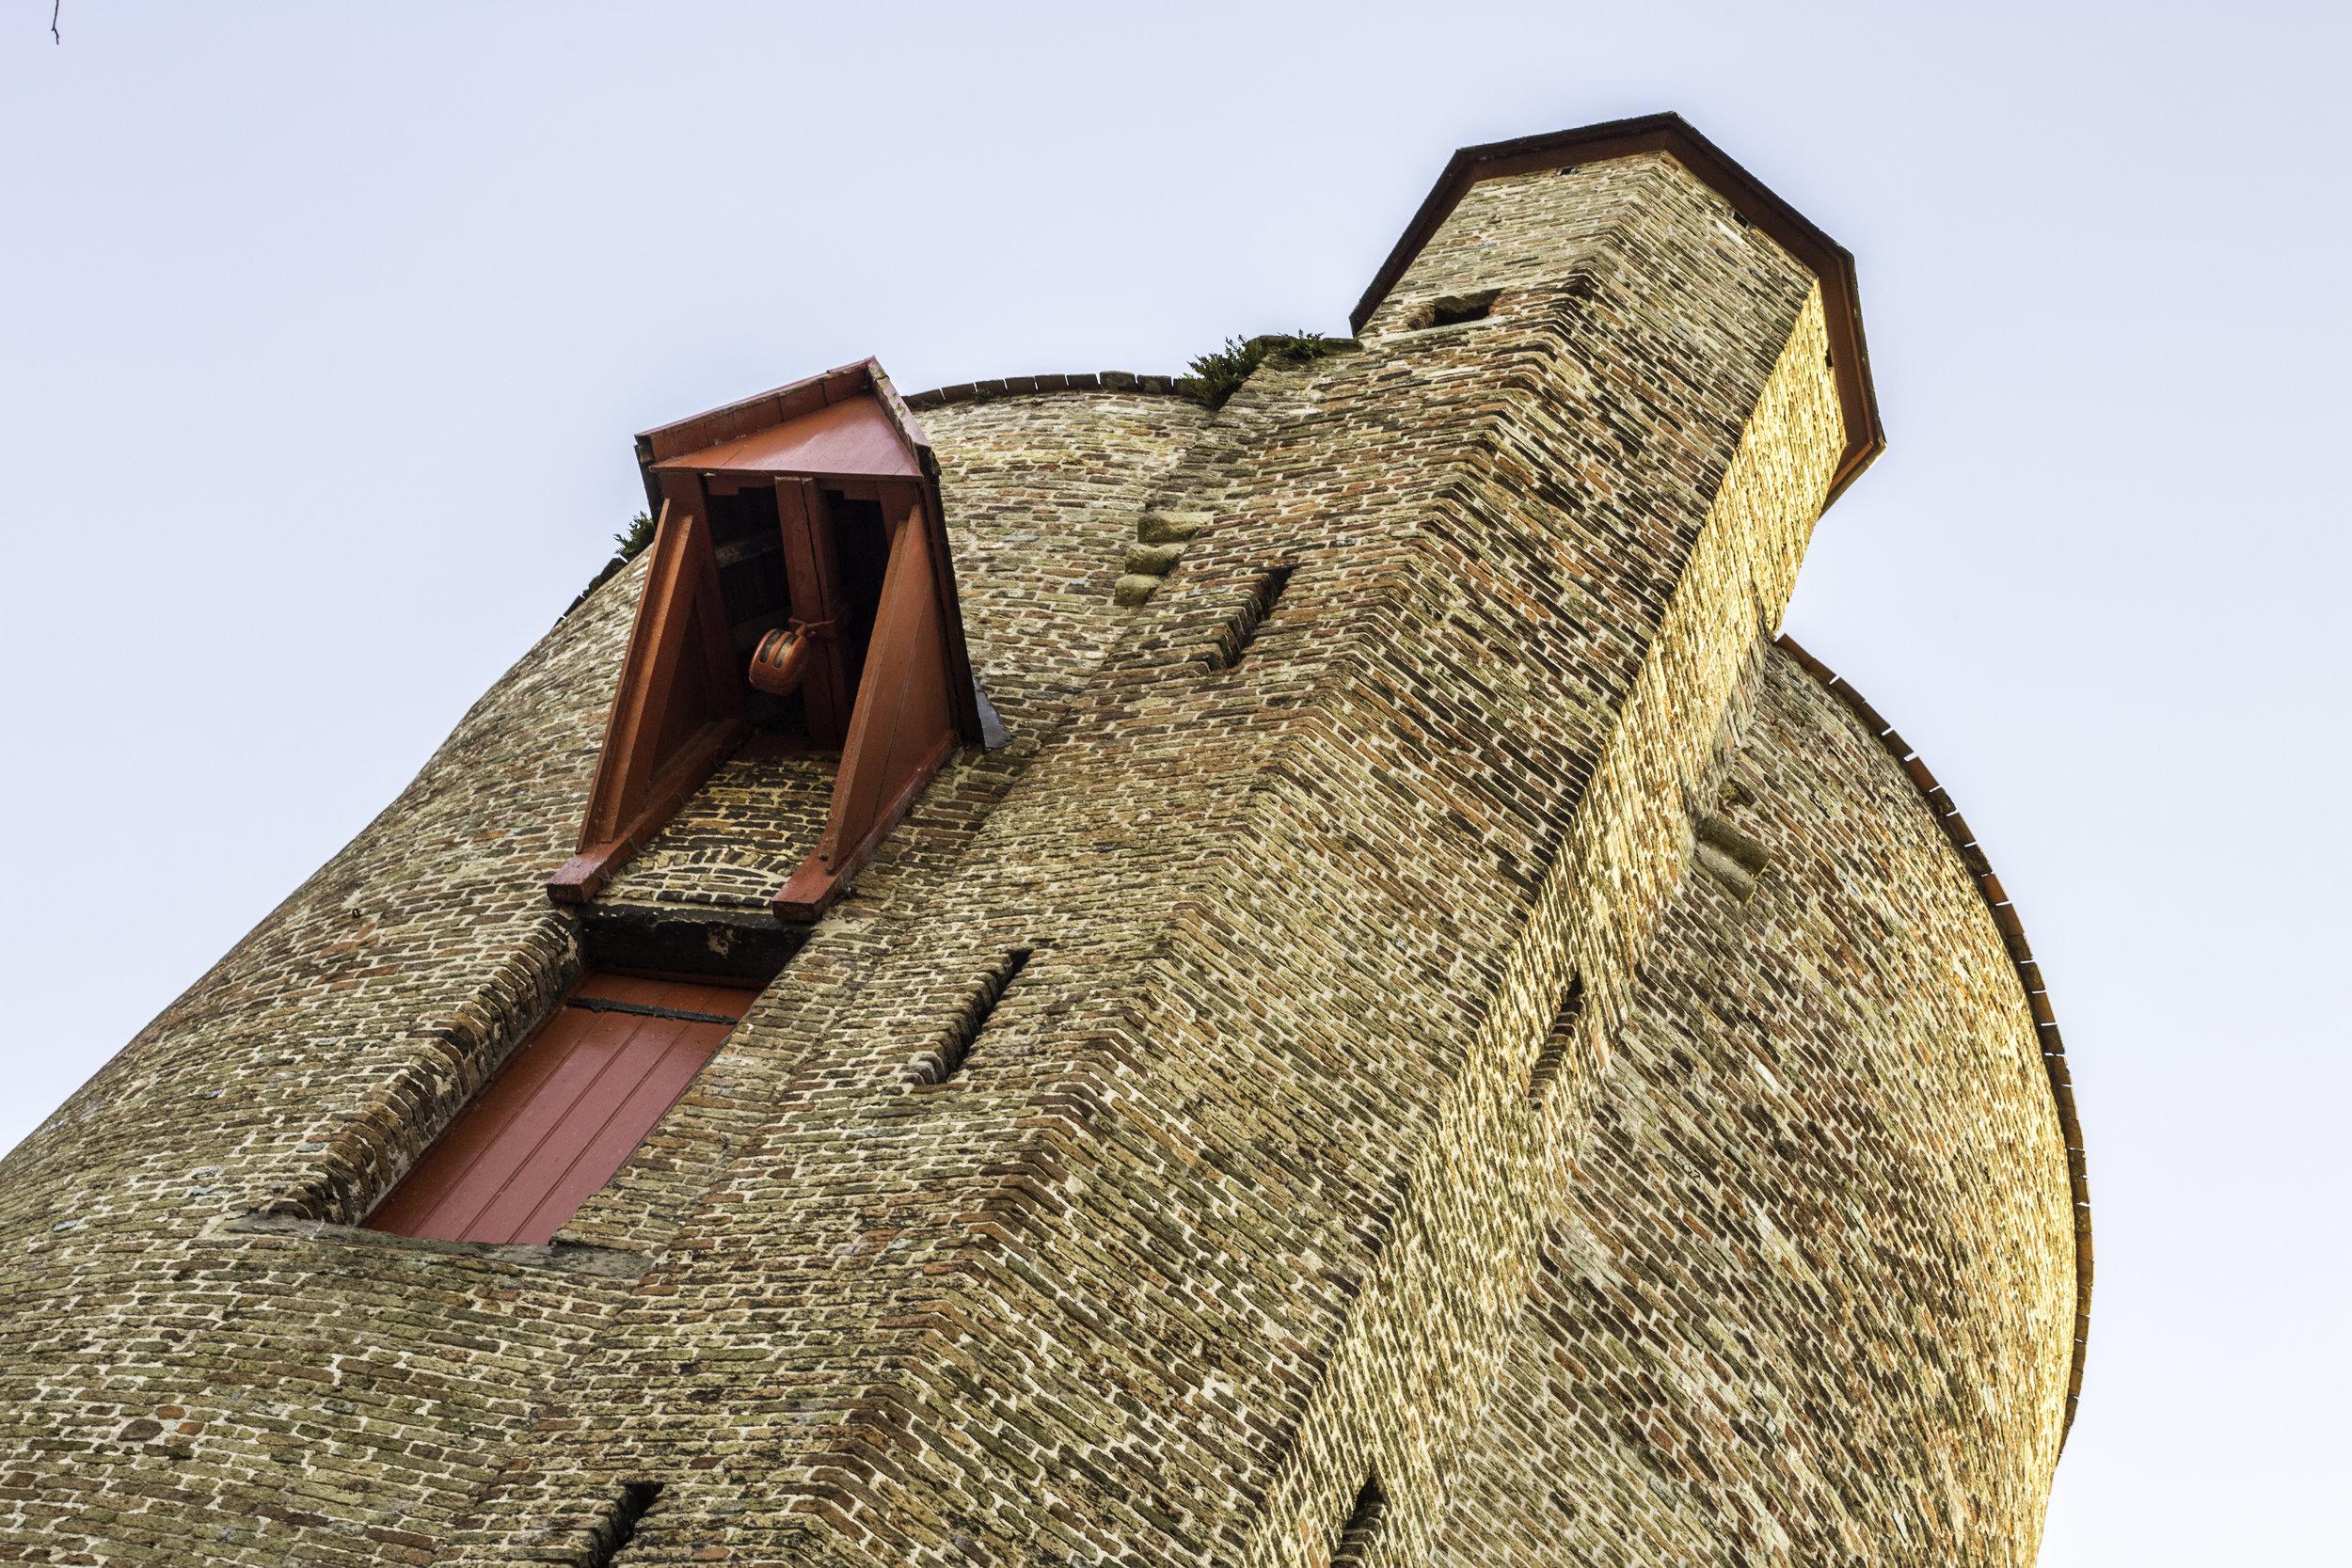 161203_Brugge_Voorst-8.jpg